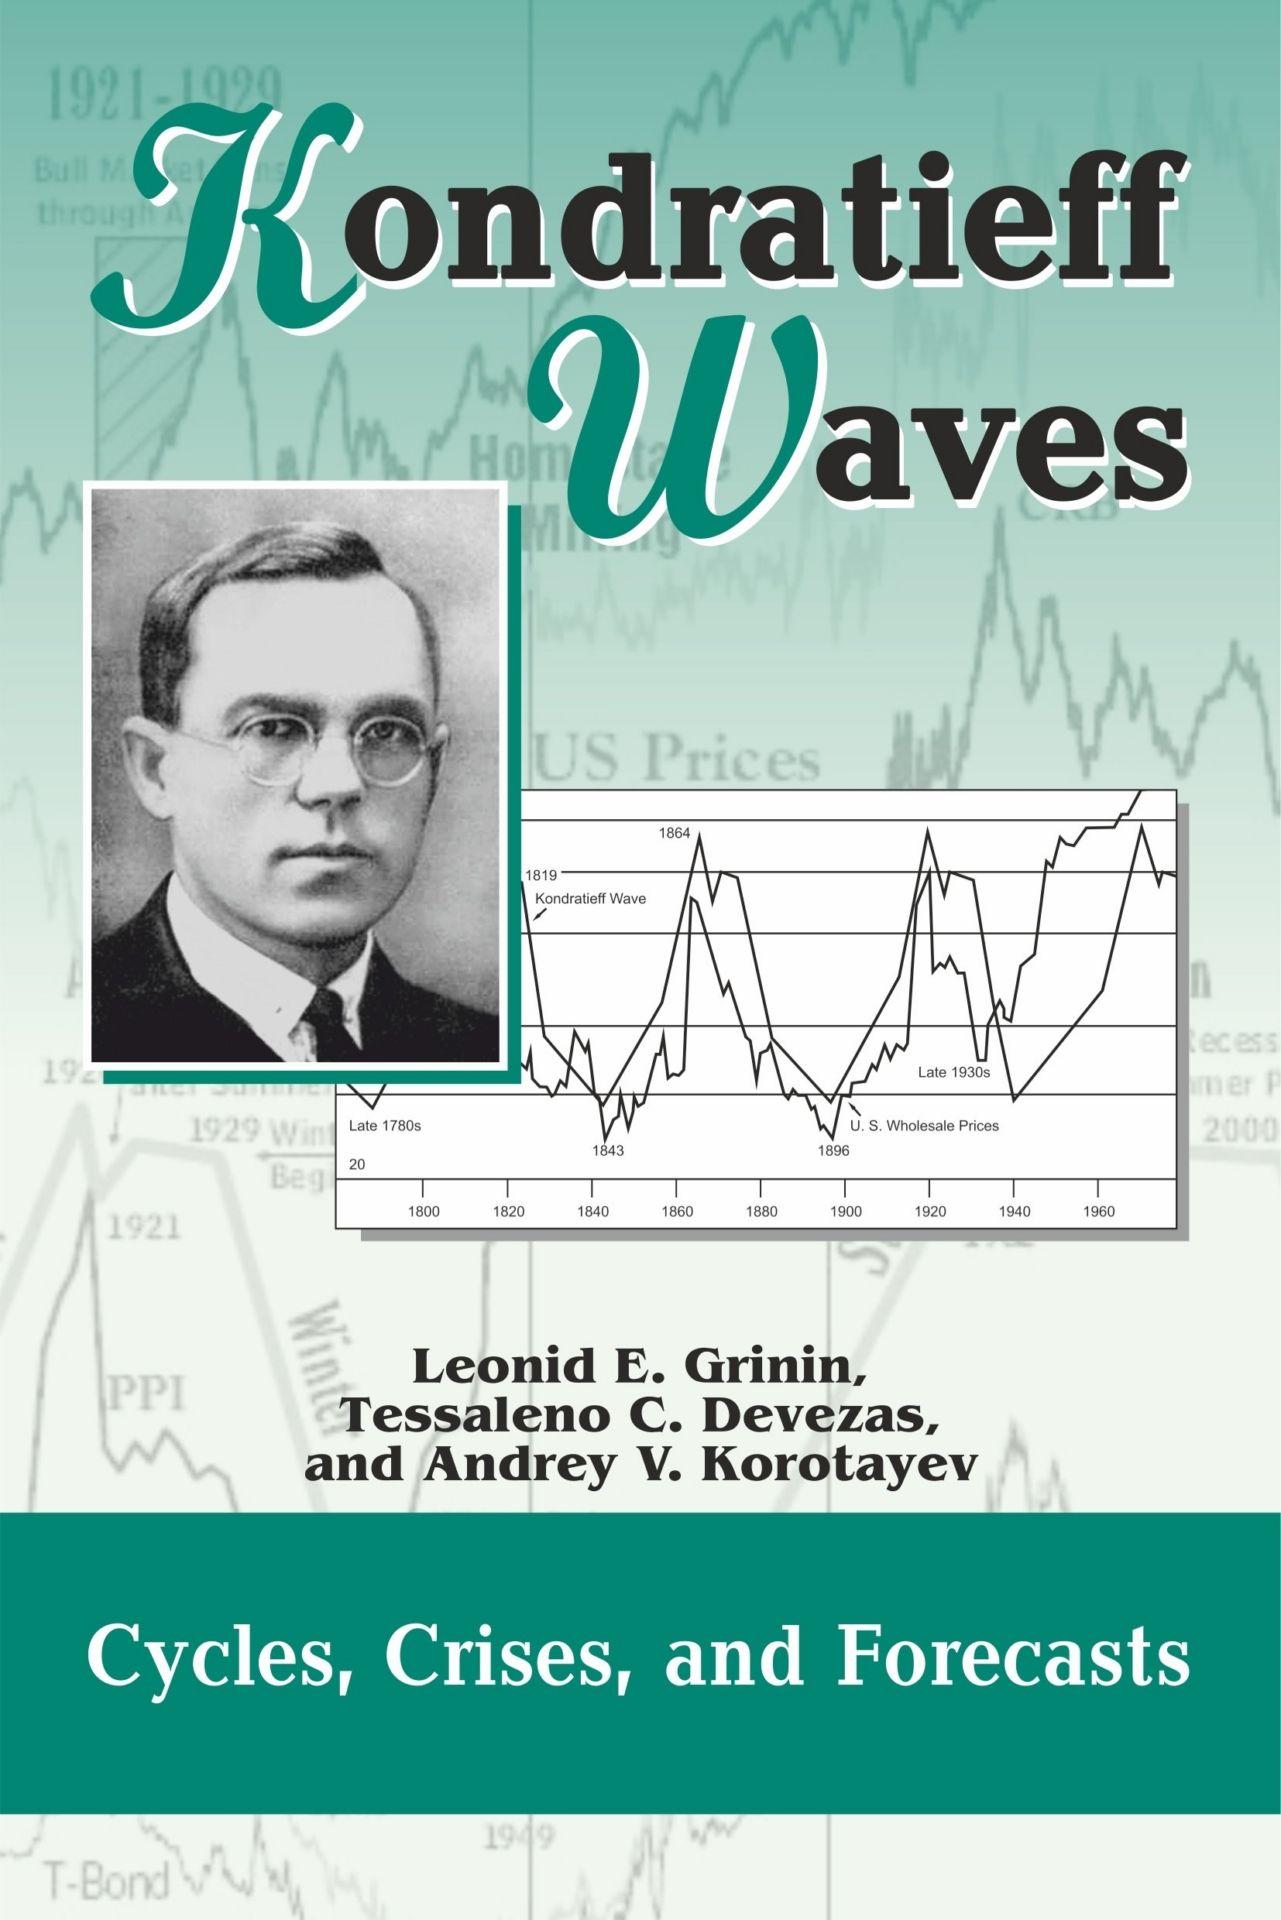 Kondratieff Waves. Cycles, Crises, and Forecasts. YearbookАльманахи<br>Хотя исследователи теории длинных и среднесрочных циклов обеспокоены экономической ситуацией, они понимают, что цикличность все еще остается неотъемлемым атрибутом экономического развития.  А высказывание Жюгляра о том, что кризис  - это следствие предшес...<br><br>Авторы: Devezas T.C., Grinin L.E., Korotayev A.V.<br>Год: 2016<br>Серия: Для студентов и преподавателей<br>ISBN: 978-5-7057-5081-8<br>Высота: 210<br>Ширина: 140<br>Толщина: 10<br>Переплёт: мягкая, склейка